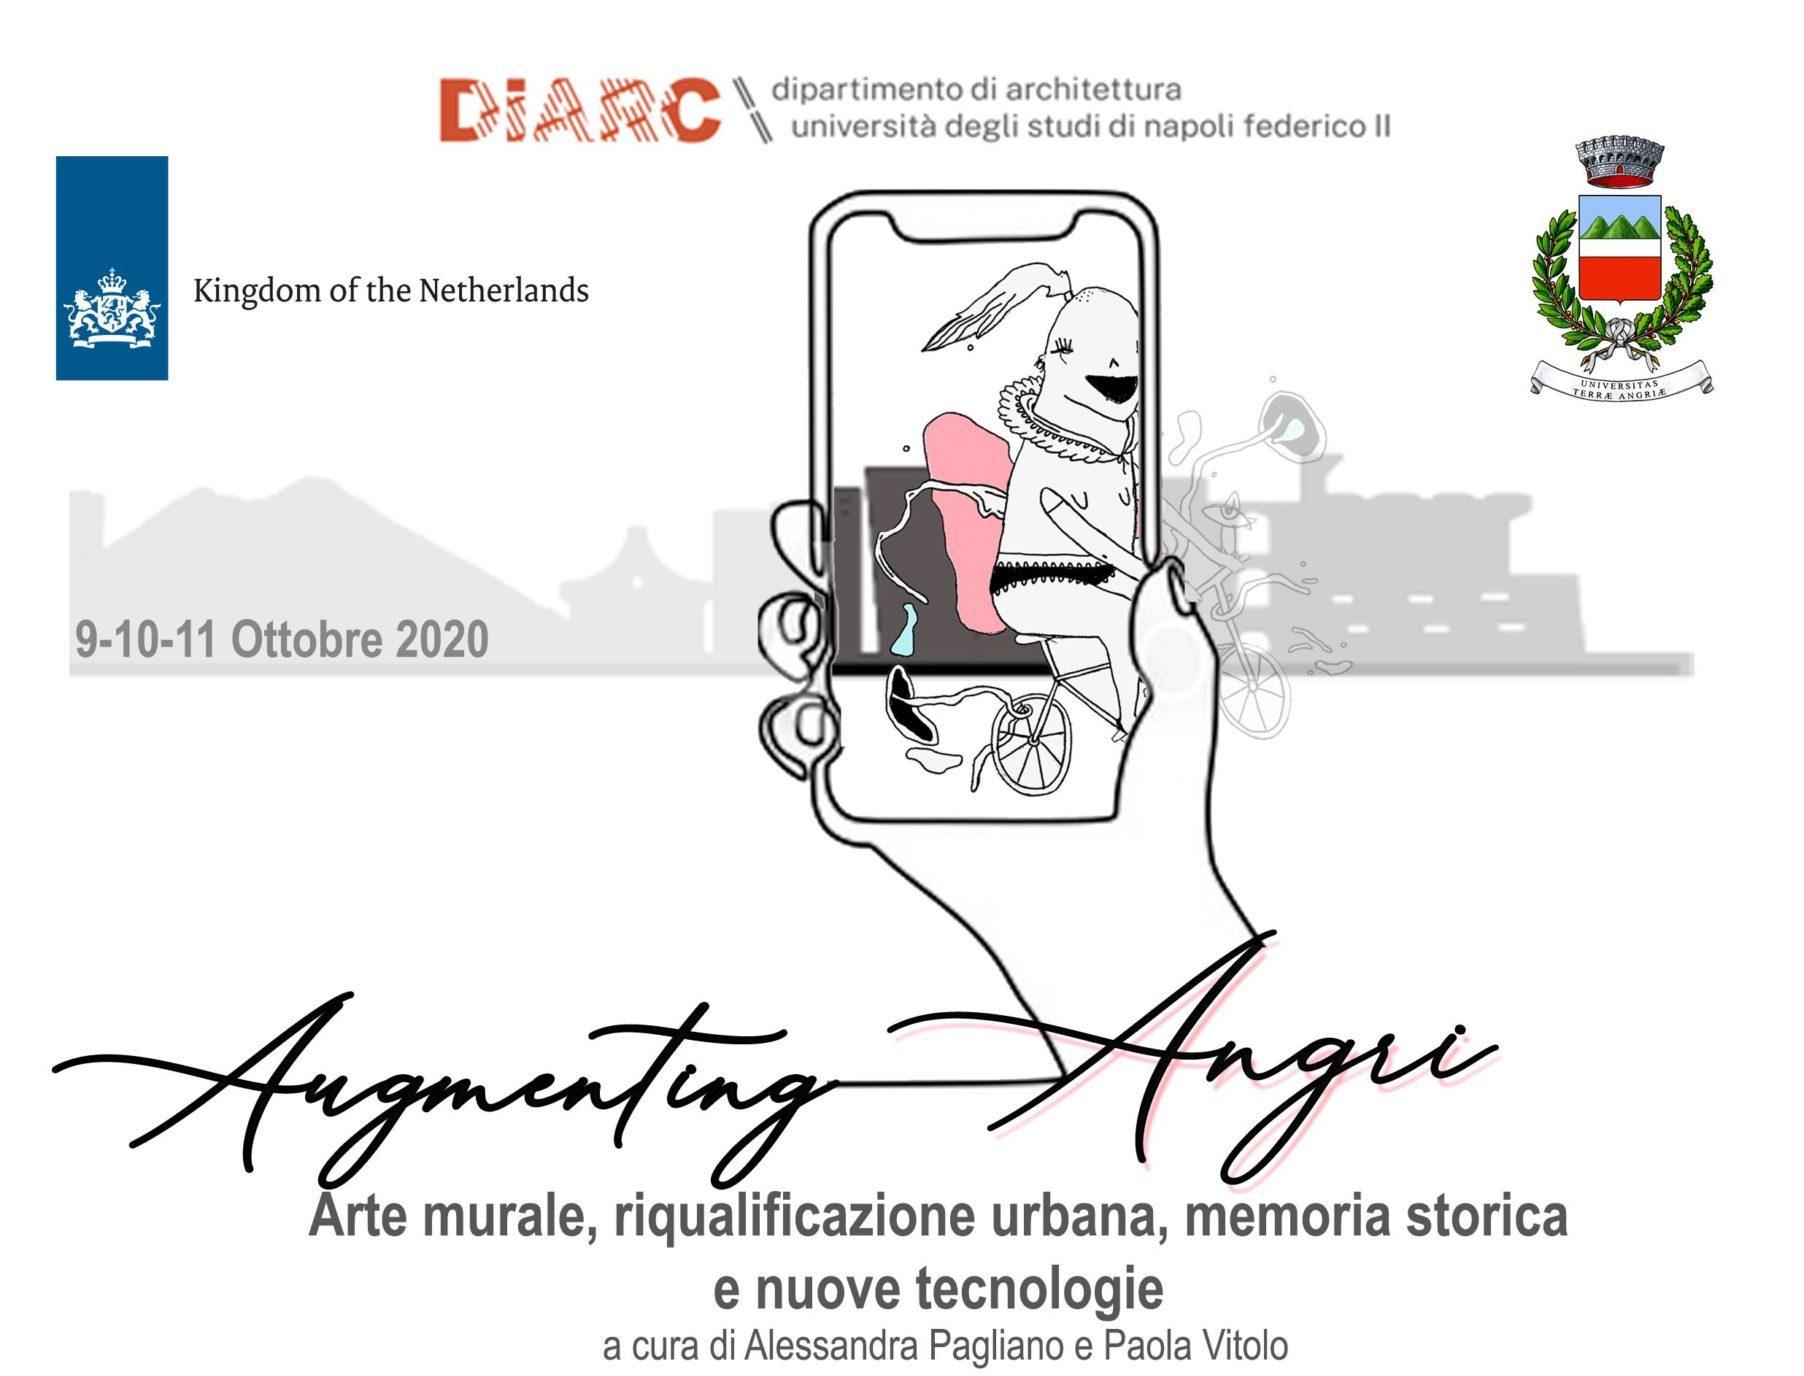 Aumenting Angri: la città salernitana aumenta la sua arte. Progetto di arte urbana sostenuto dai Paesi Bassi